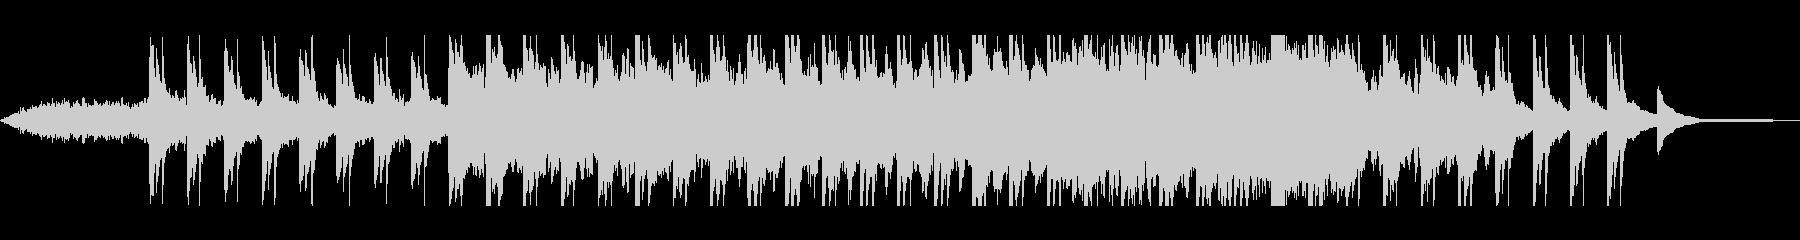 ピアノとシーケンサーのヒーリングの未再生の波形